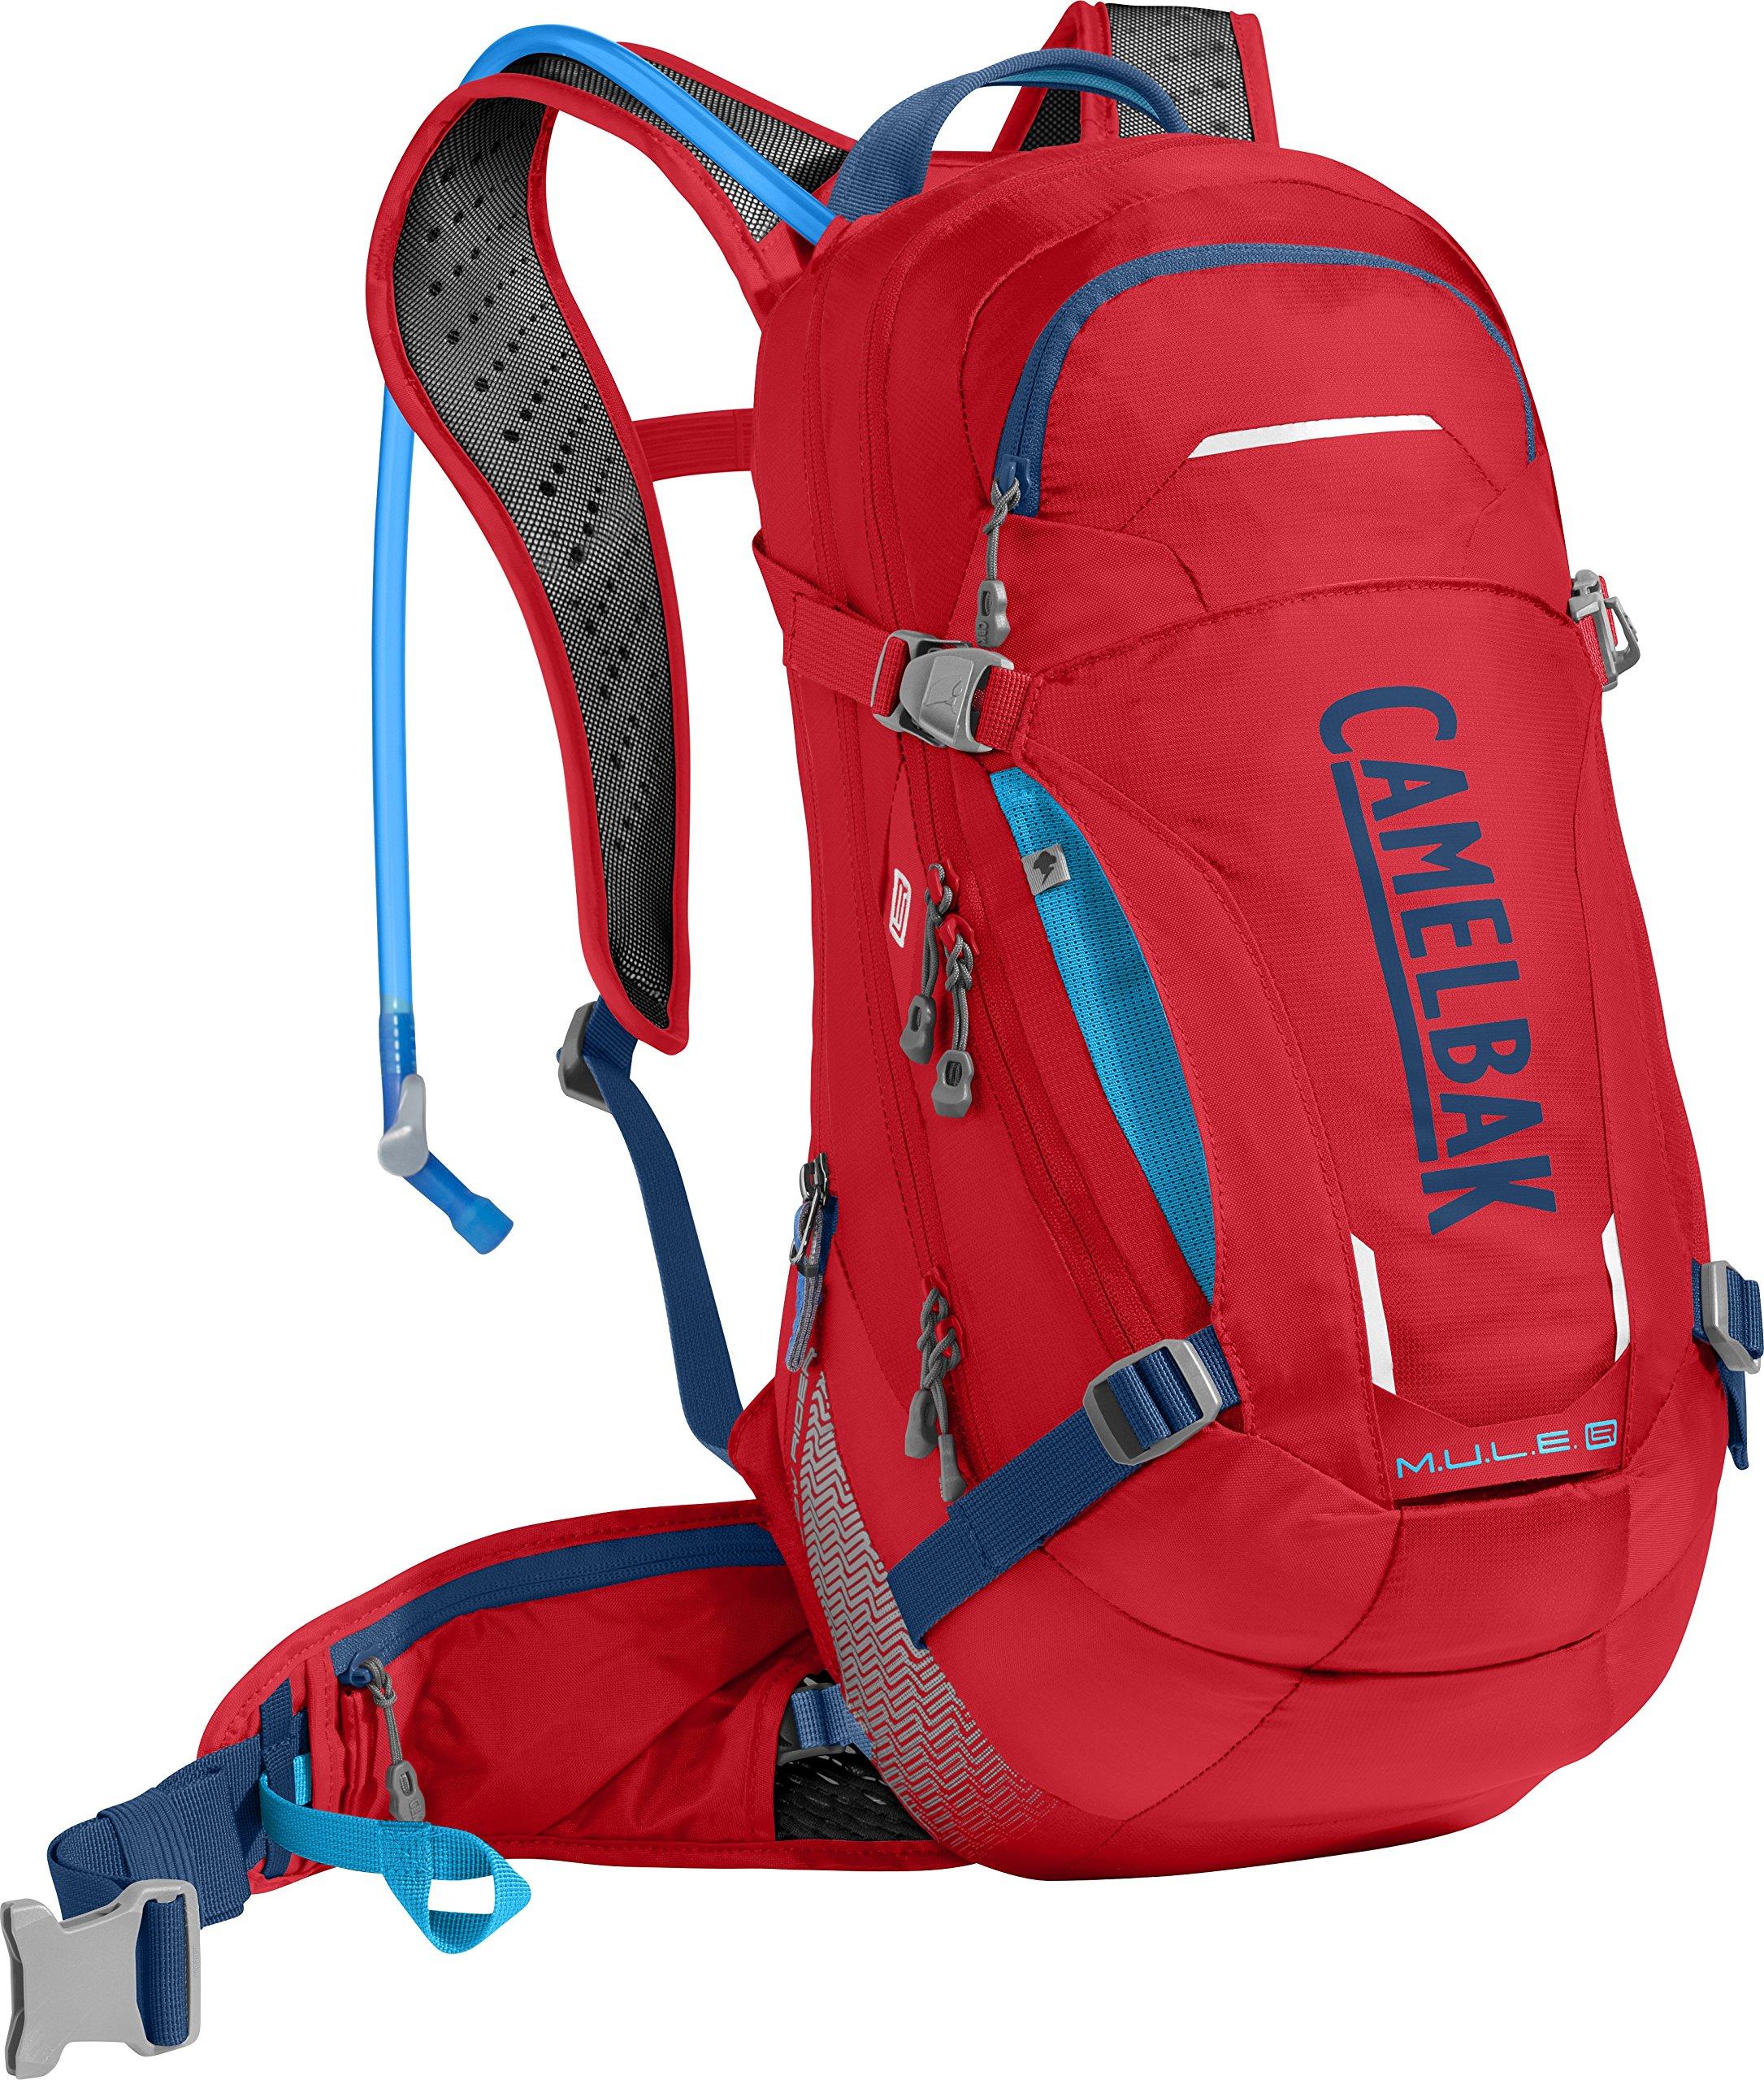 CamelBak M.U.L.E. LR Crux Lumbar Reservoir Hydration Pack, Racing Red/Pitch Blue, 3 L/100 oz